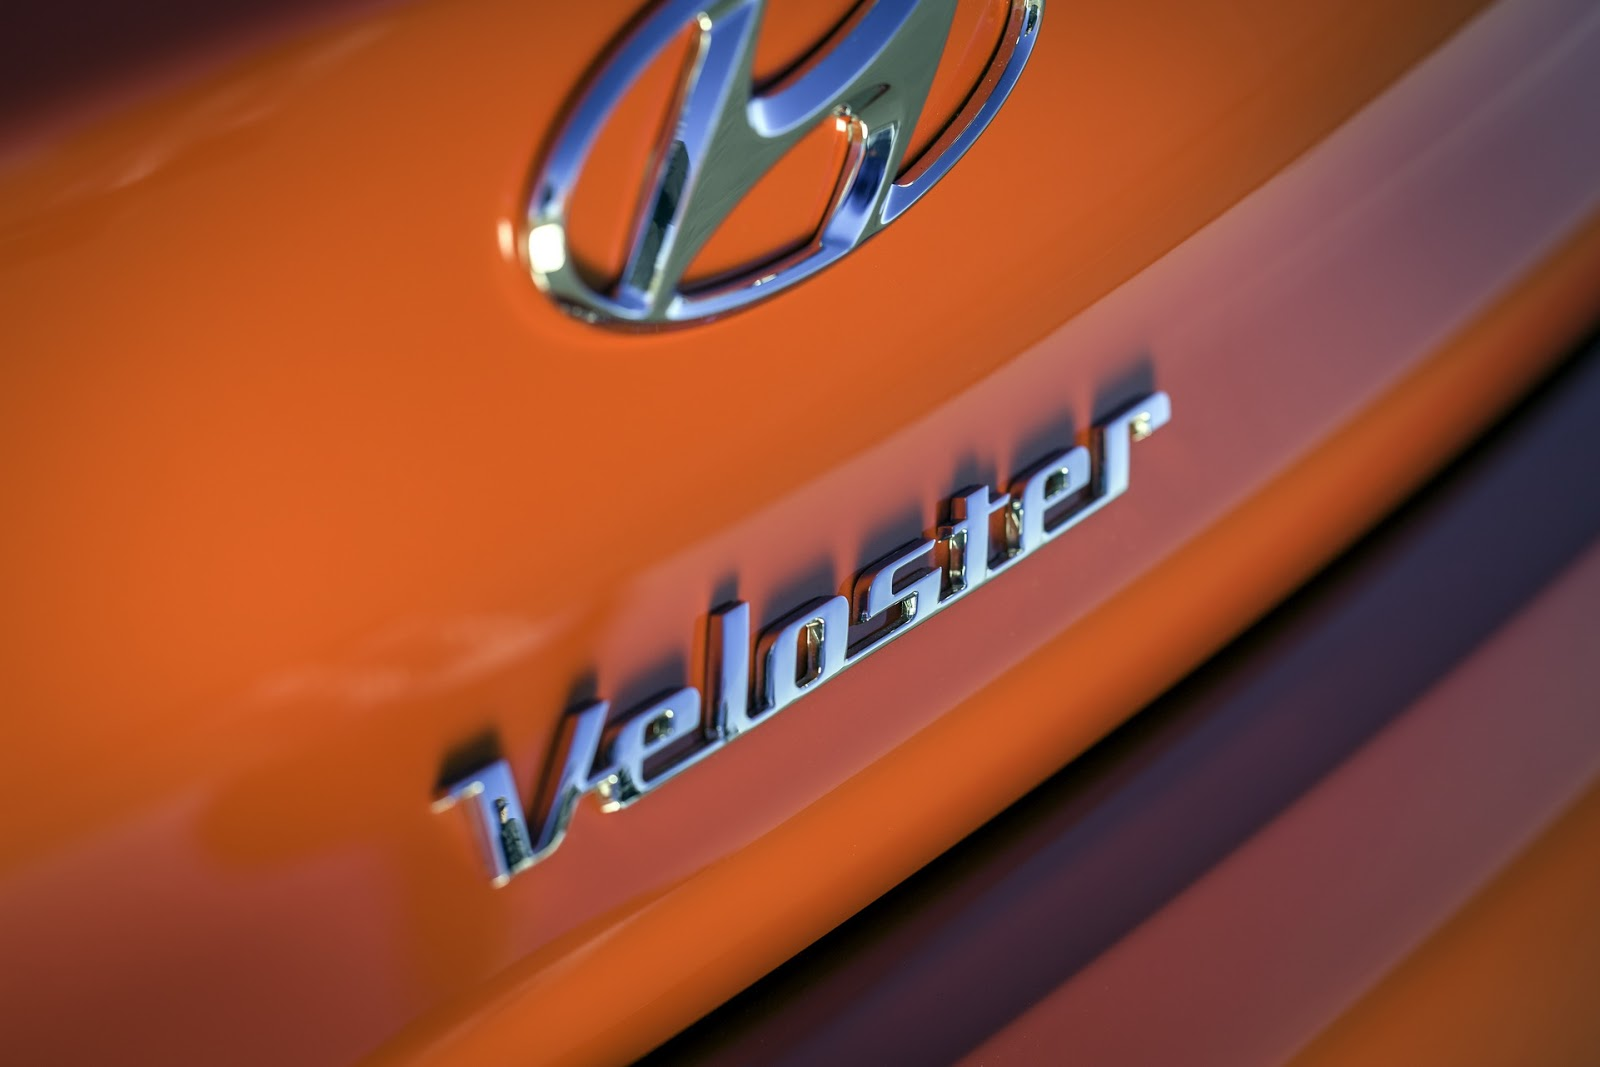 2019-Hyundai-Veloster-69